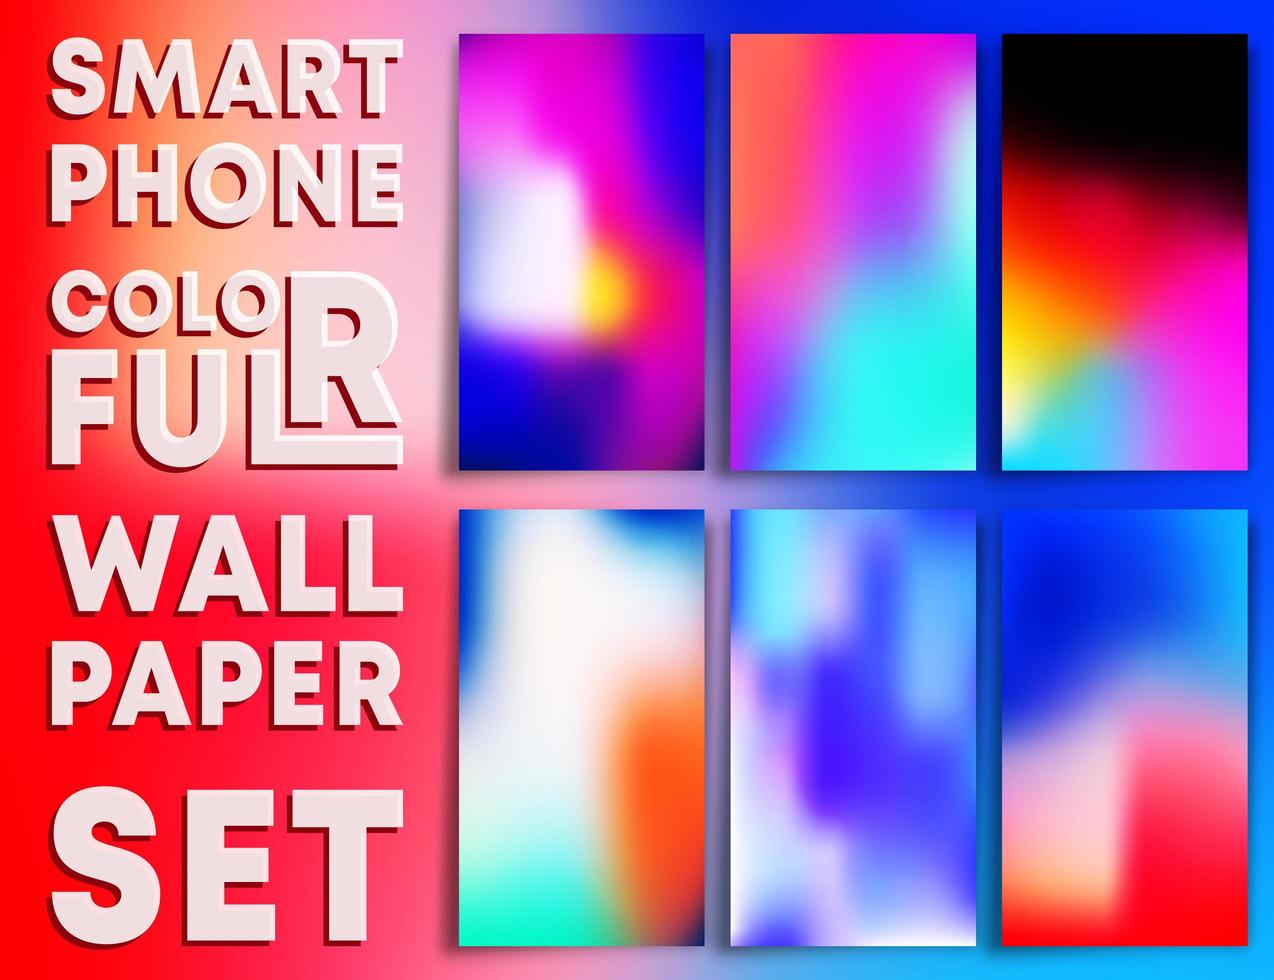 färgglada tonad tapeter mallar för smartphones vektor